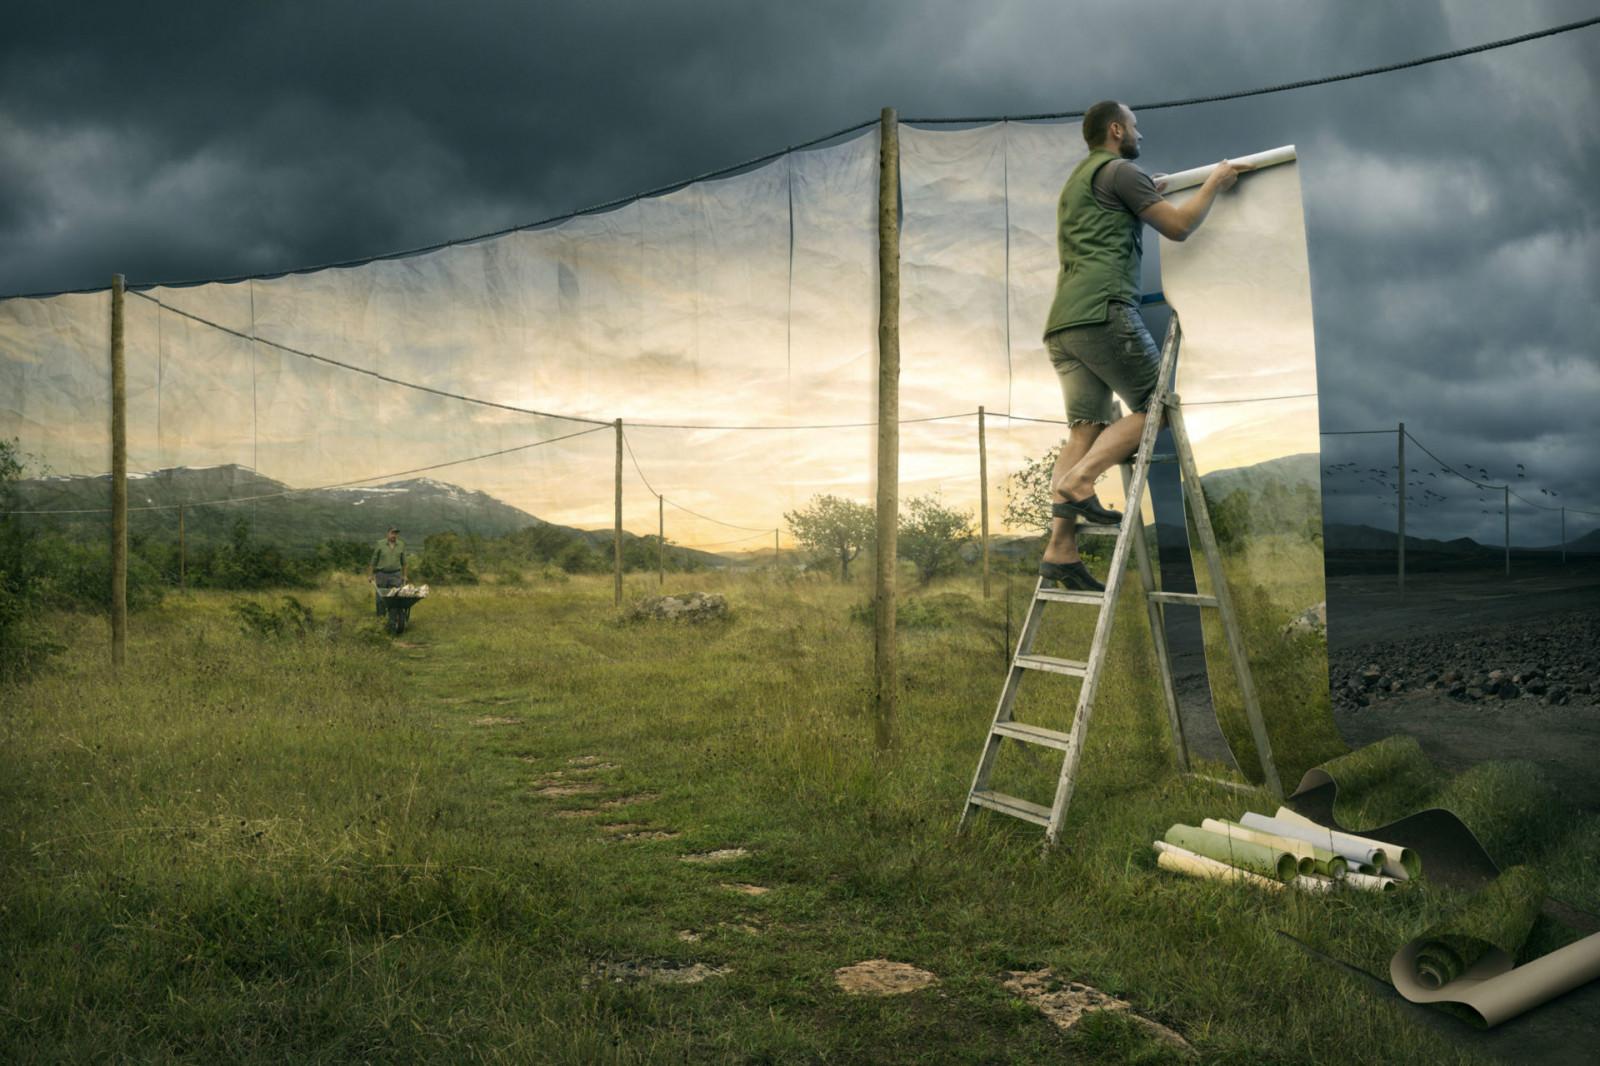 Fondos de pantalla : naturaleza, paisaje, Photoshop, arte digital,  surrealista, Erik Johansson, hombres, escalera, póster, poste de  electricidad, césped, Nubes, tormenta, luz de sol, montañas, manipulación  de foto, ilusión óptica 1920x1280 -